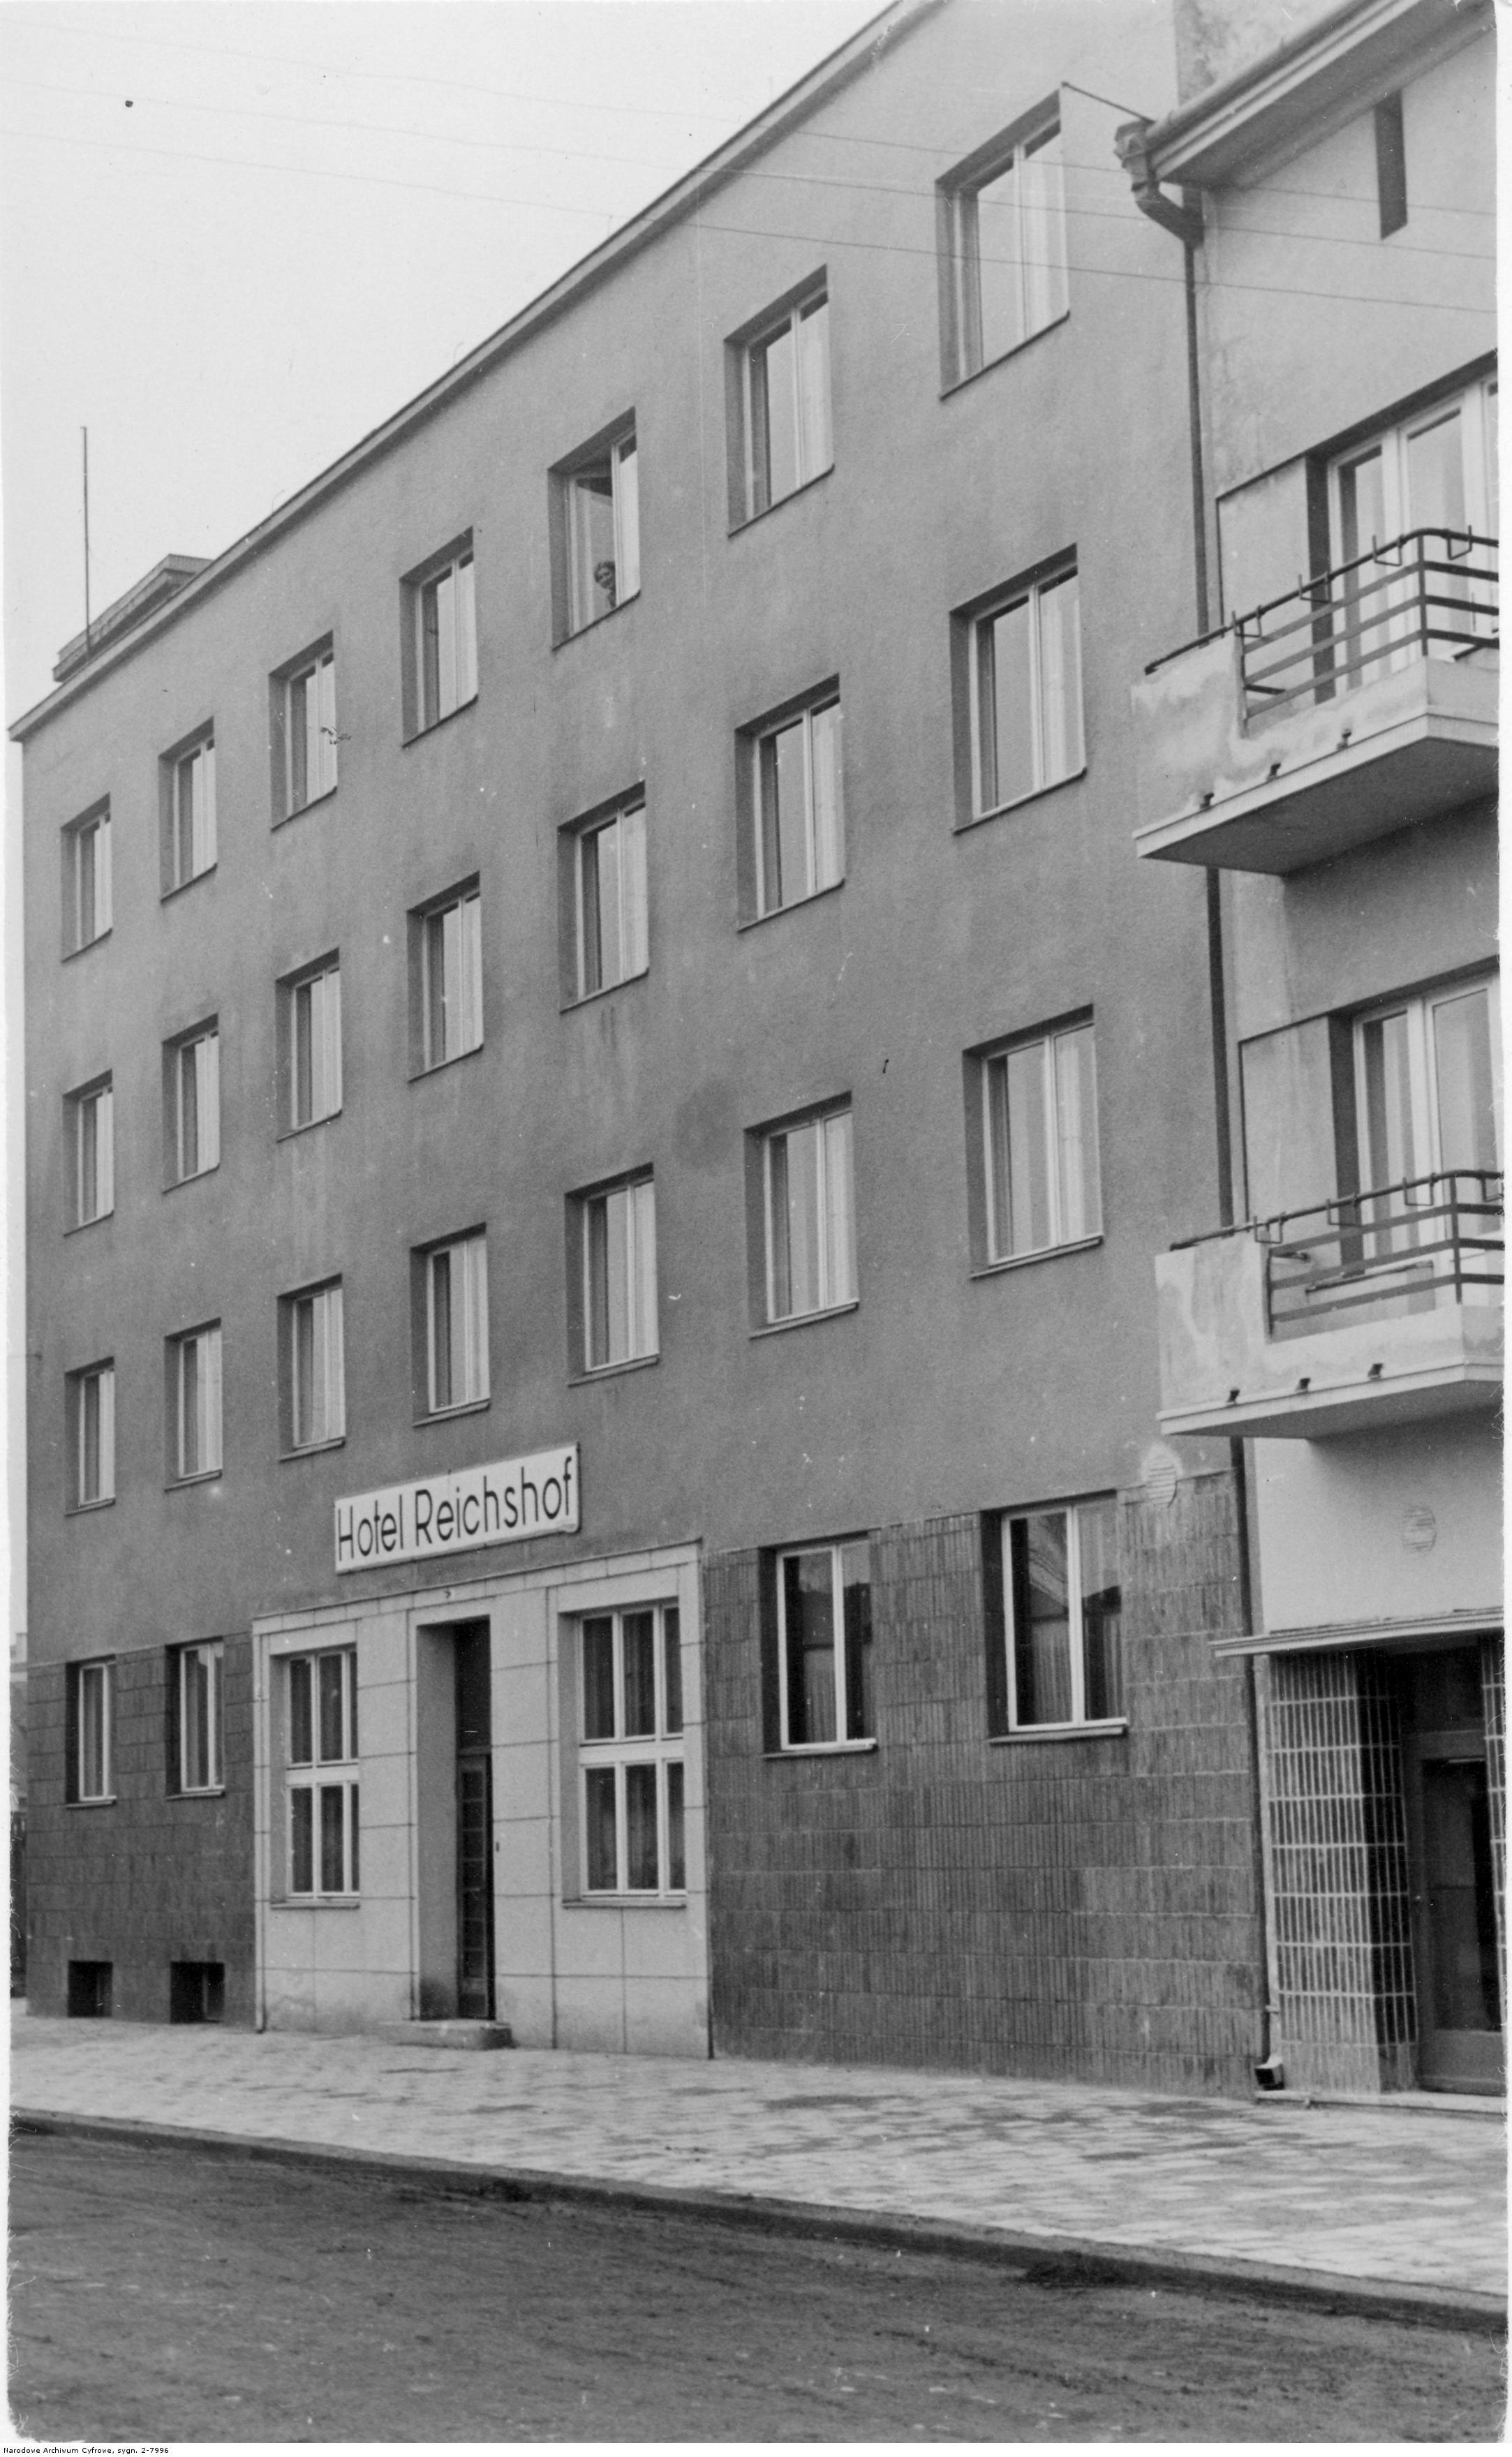 Hotel Reichshof w Rzeszowie, widok zewnetrzny, rok 1940-11